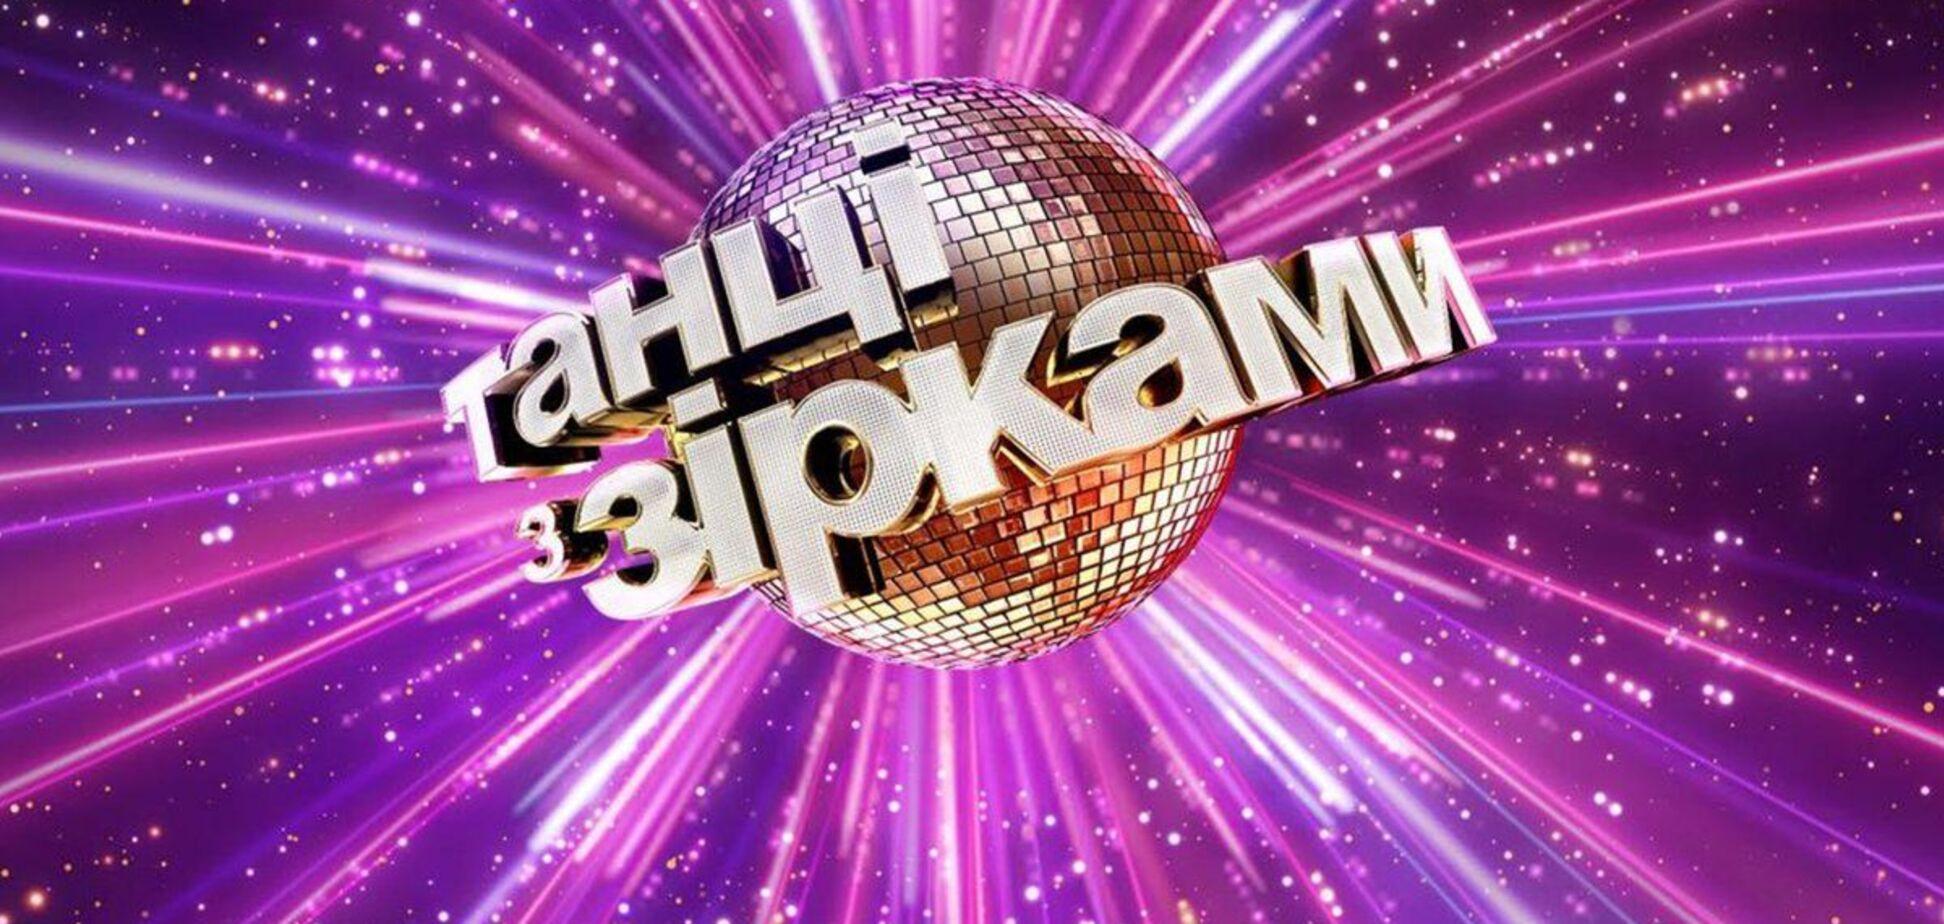 Седьмой выпуск шоу 'Танцы со звездами' состоится 11 октября